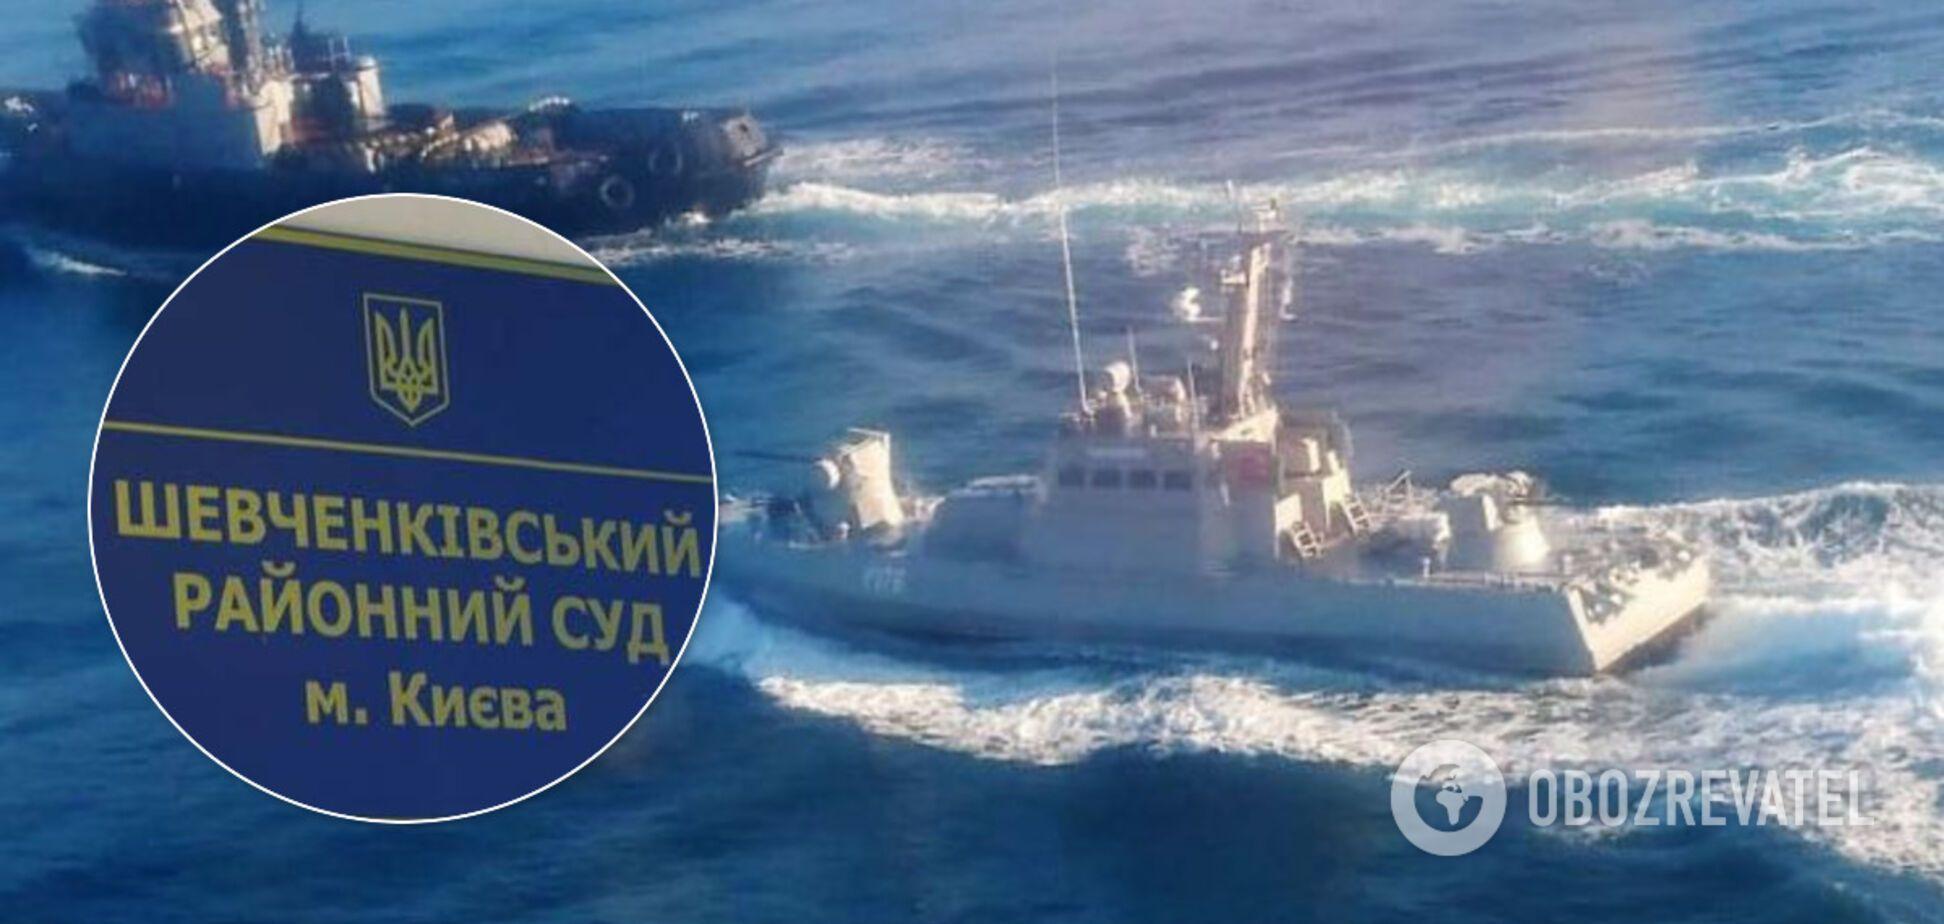 Суд не разрешил задержать силовиков РФ за захват кораблей ВМС Украины